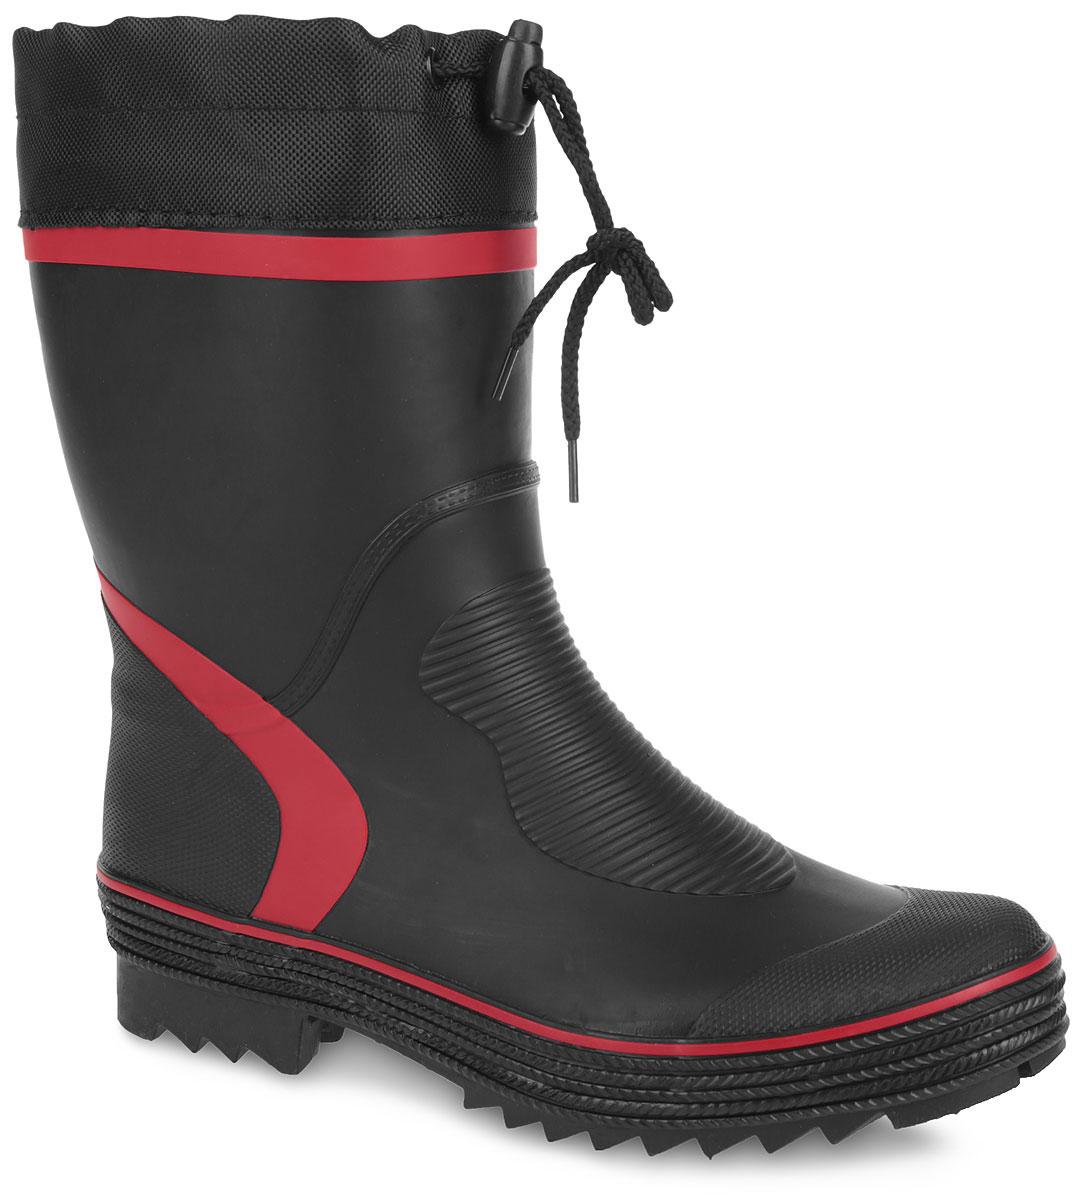 Резиновые сапоги мужские. 259-01259-01Стильные мужские резиновые сапоги Nobbaro - идеальная обувь в дождливую погоду. Сапоги выполнены из качественной резины. Текстильный верх голенища регулируется в объеме за счет шнурка со стоппером. Подкладка, выполненная из текстиля, подарит ощущение комфорта. Модель оснащена съемным текстильным носком, который согреет ваши ноги. Подошва с агрессивным протектором предотвращает скольжение. В таких резиновых сапогах вашим ногам будет комфортно и уютно.